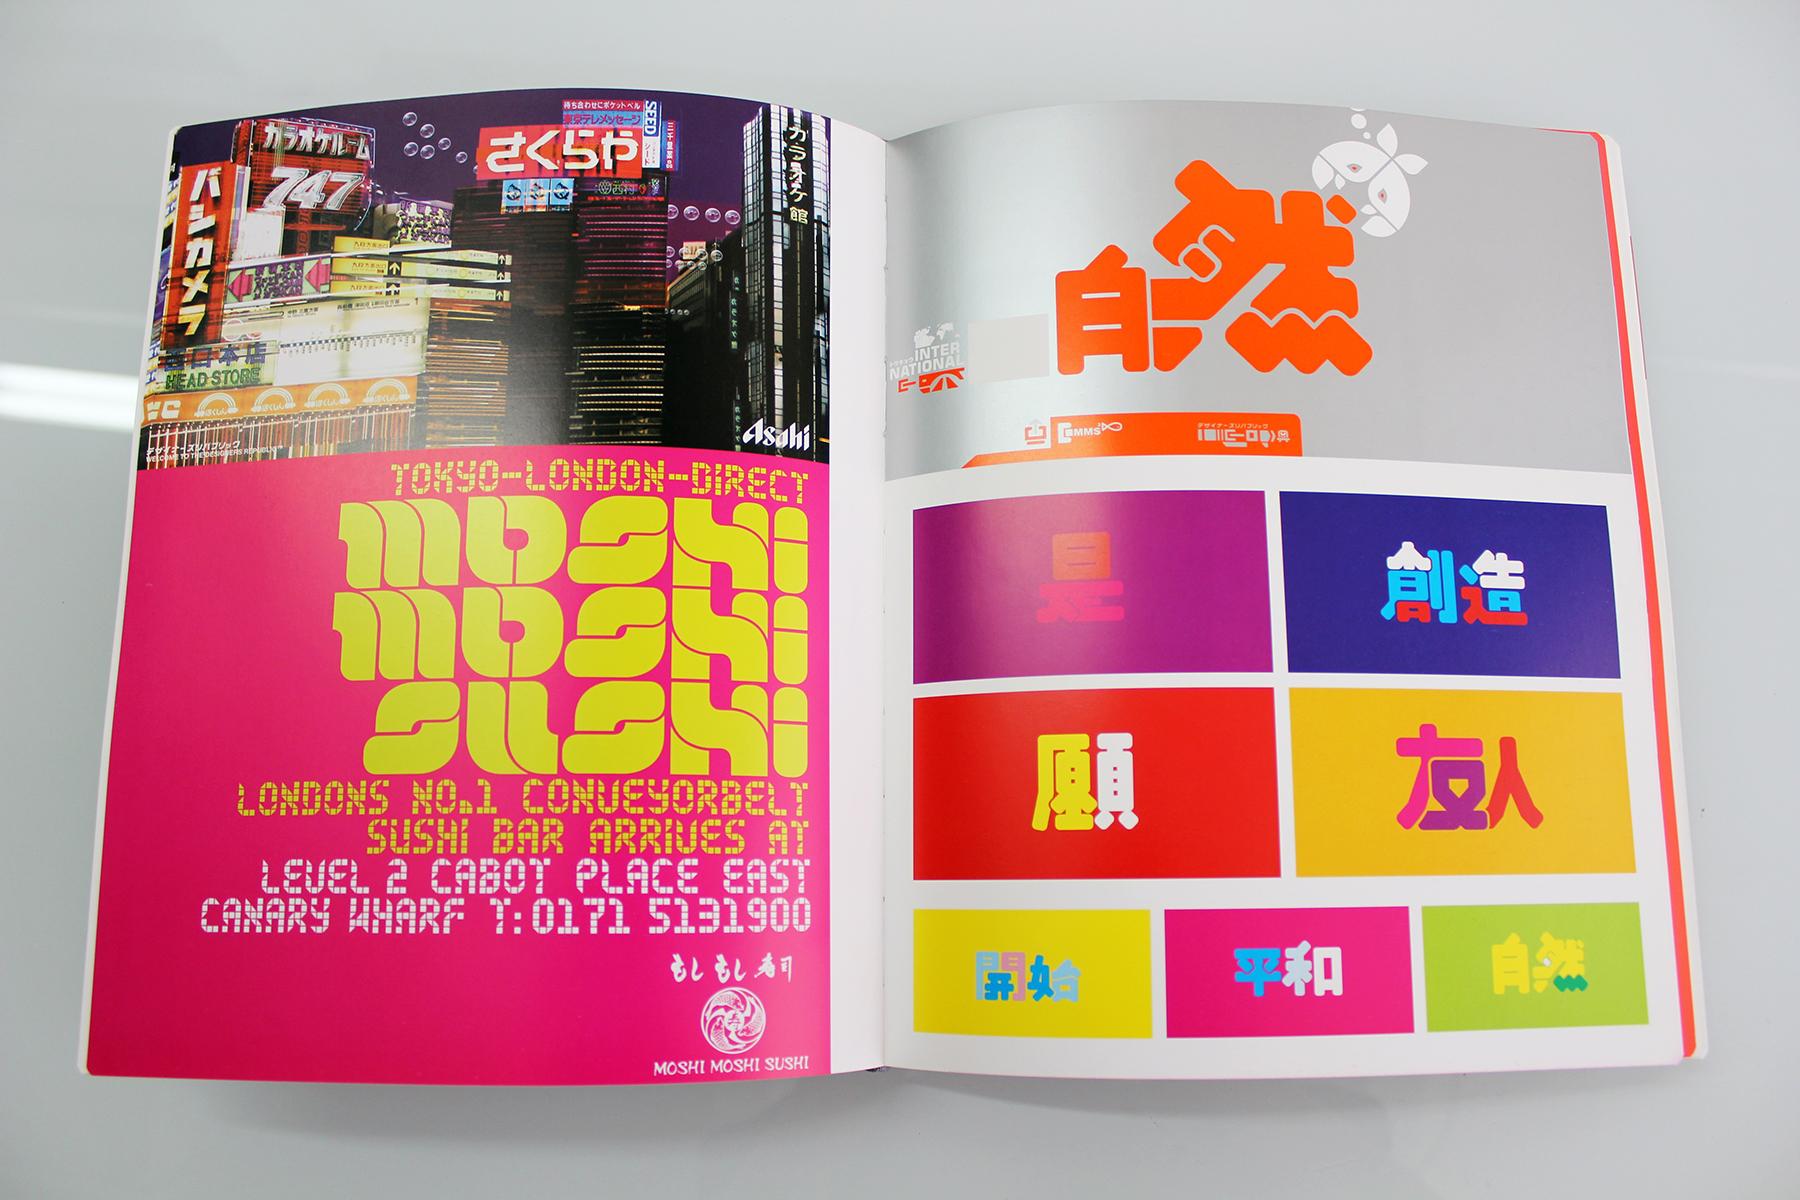 The designers republic vs idea magazine 2002 welcome for The designers republic